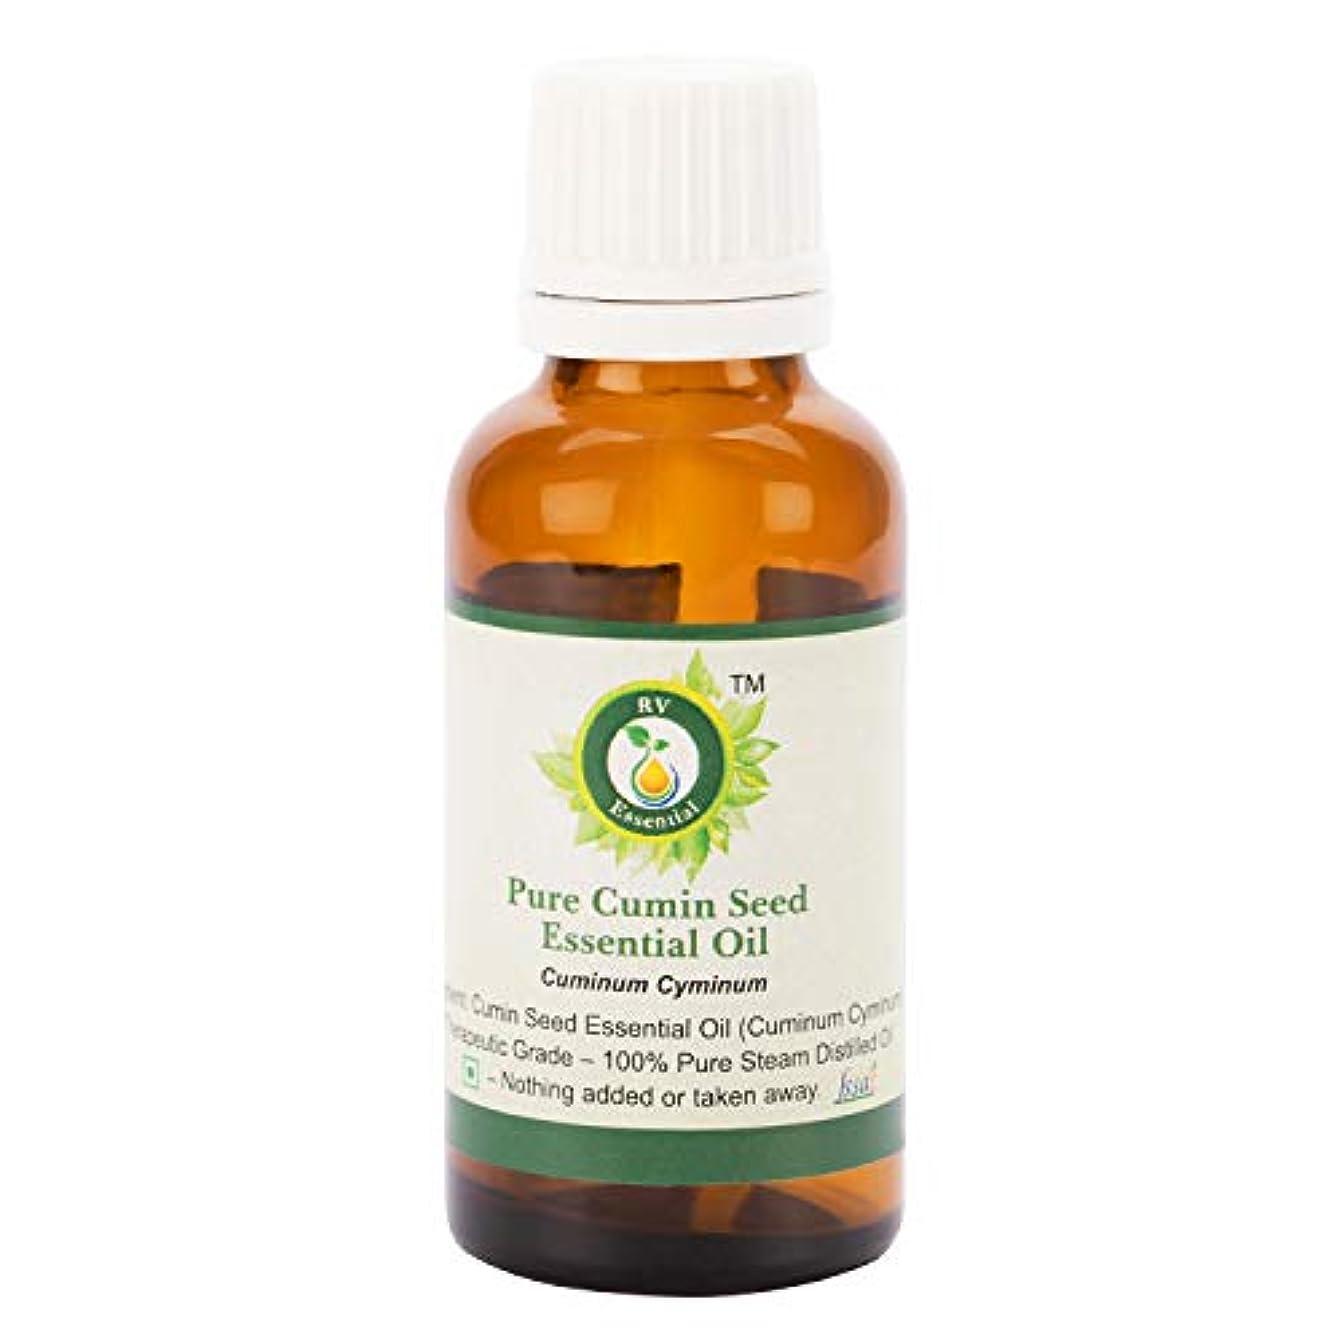 ミニ戻すパッケージピュアクミンシードエッセンシャルオイル5ml (0.169oz)- Cuminum Cyminum (100%純粋&天然スチームDistilled) Pure Cumin Seed Essential Oil